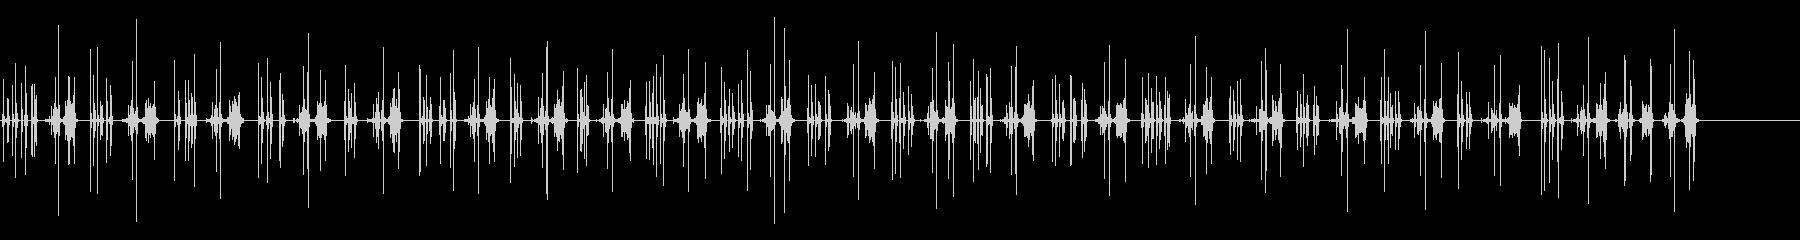 アンティーク追加マシン、1930年...の未再生の波形